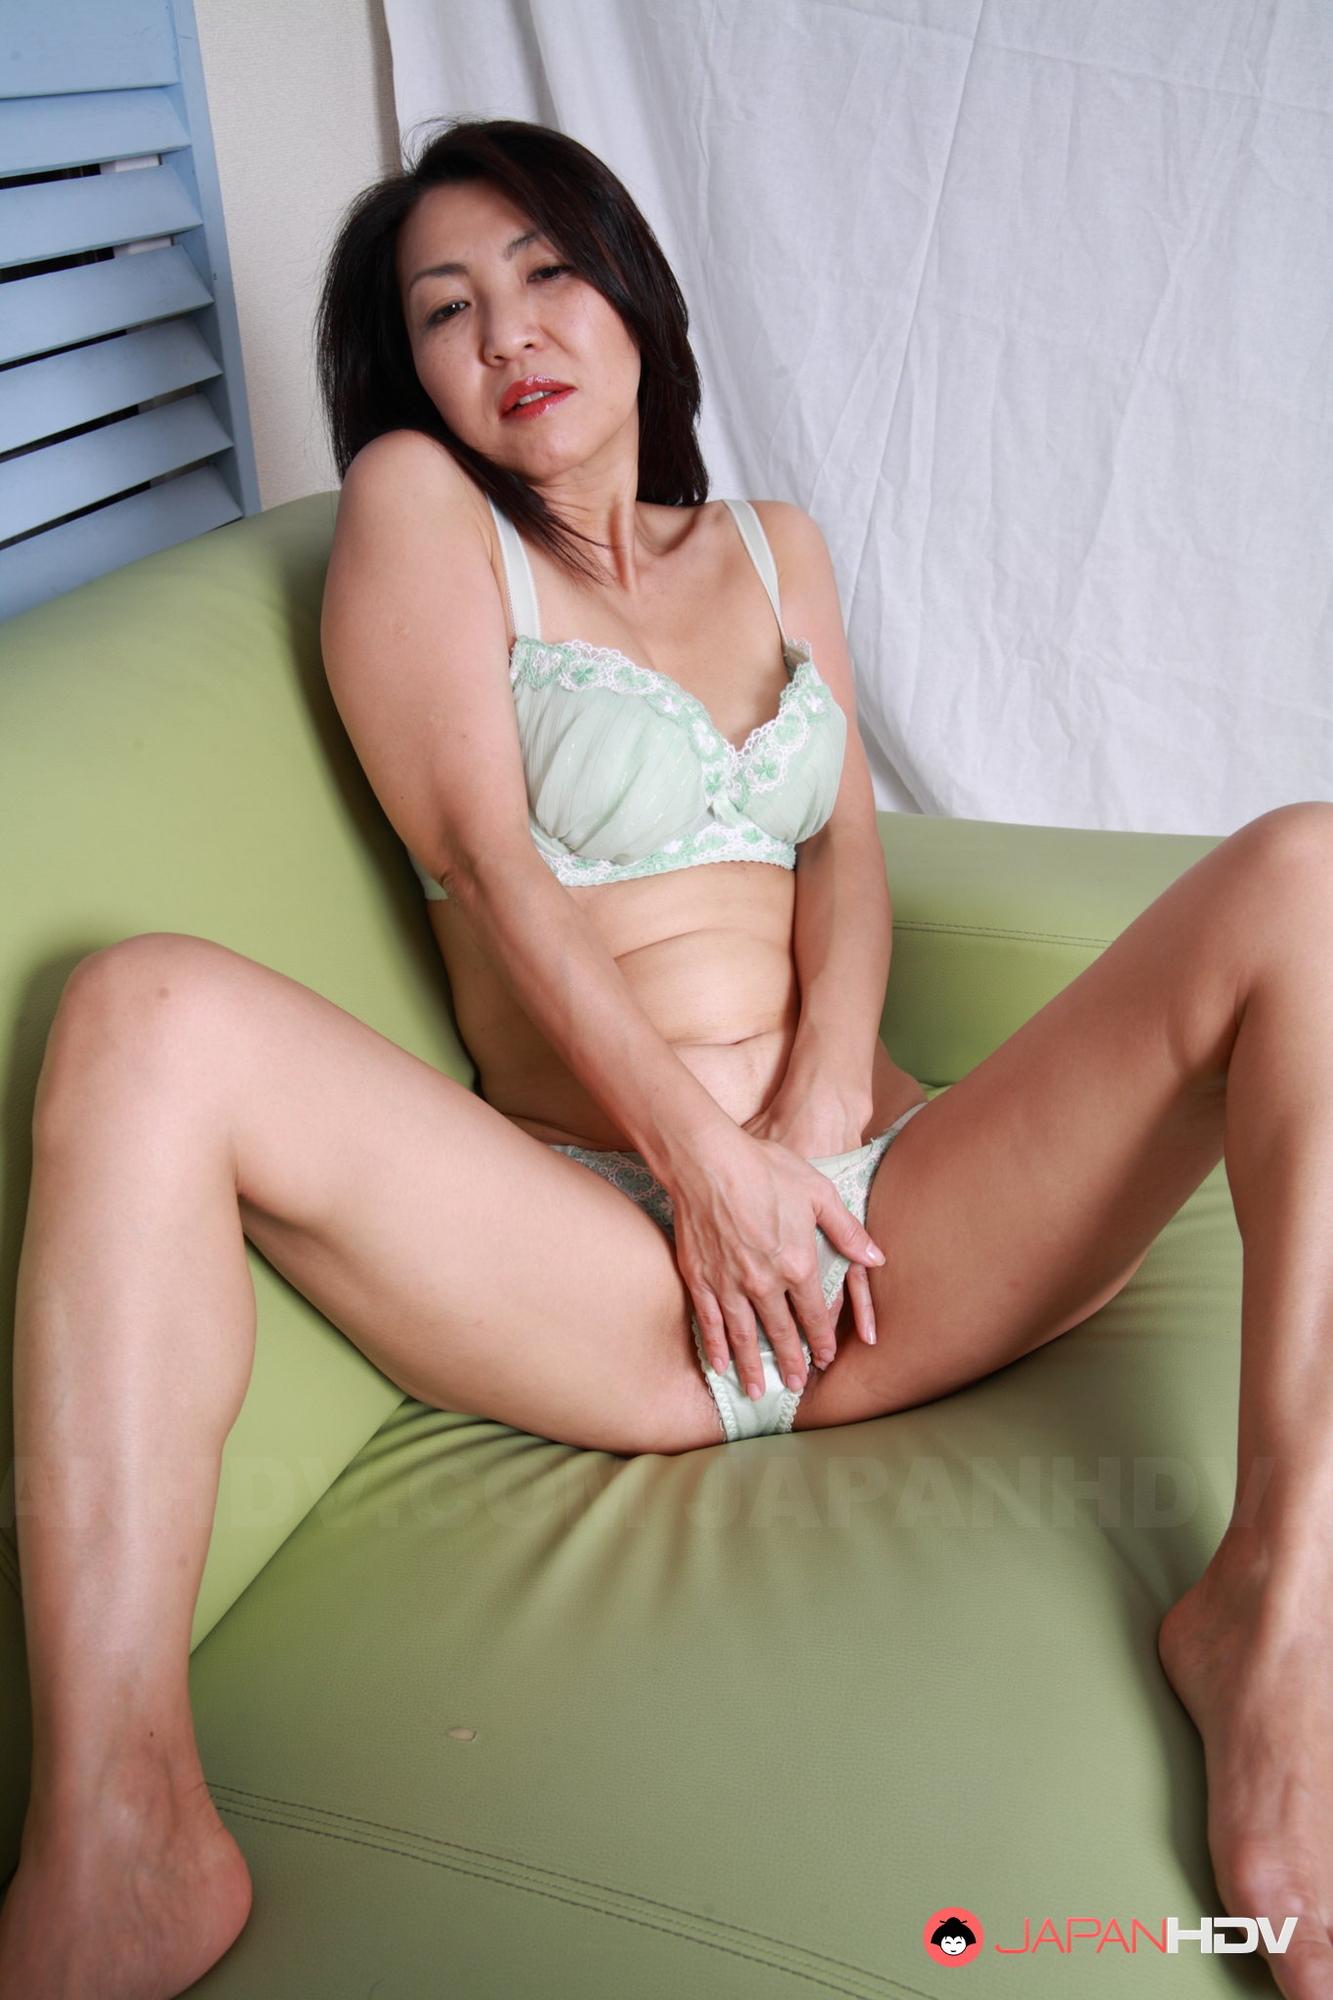 Japanese milf ass